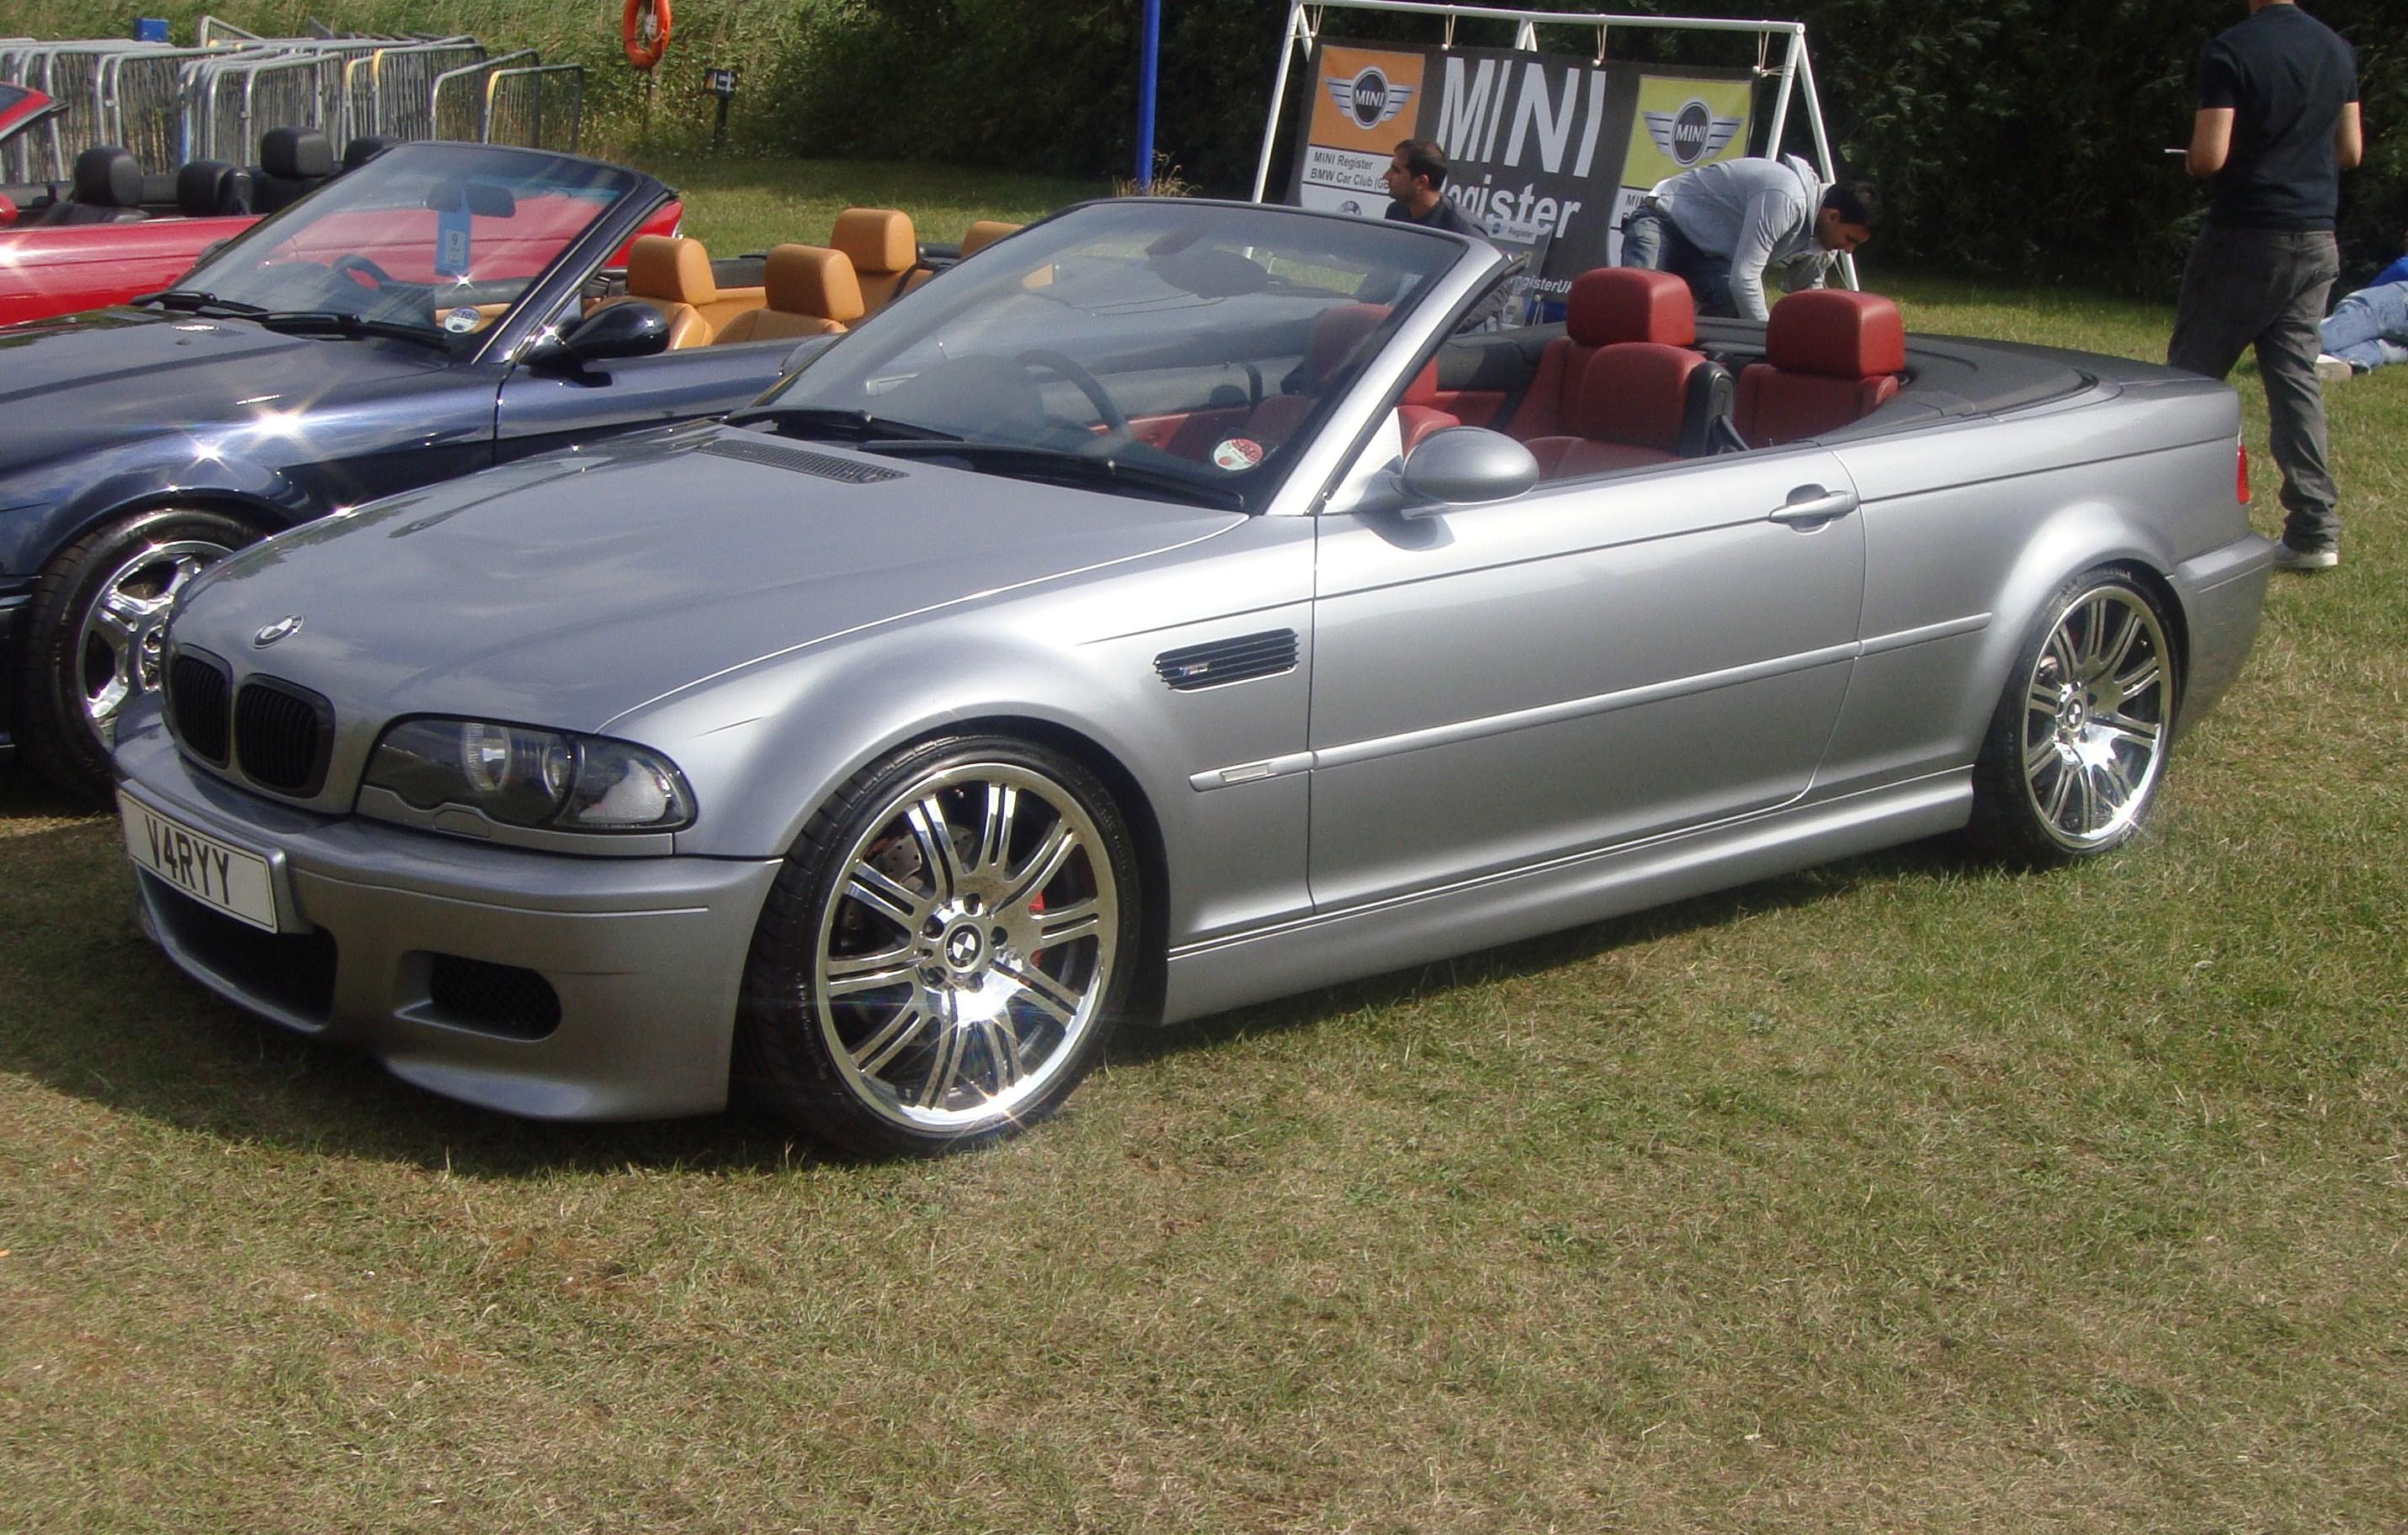 BMW e46 M3 wheels refurbished